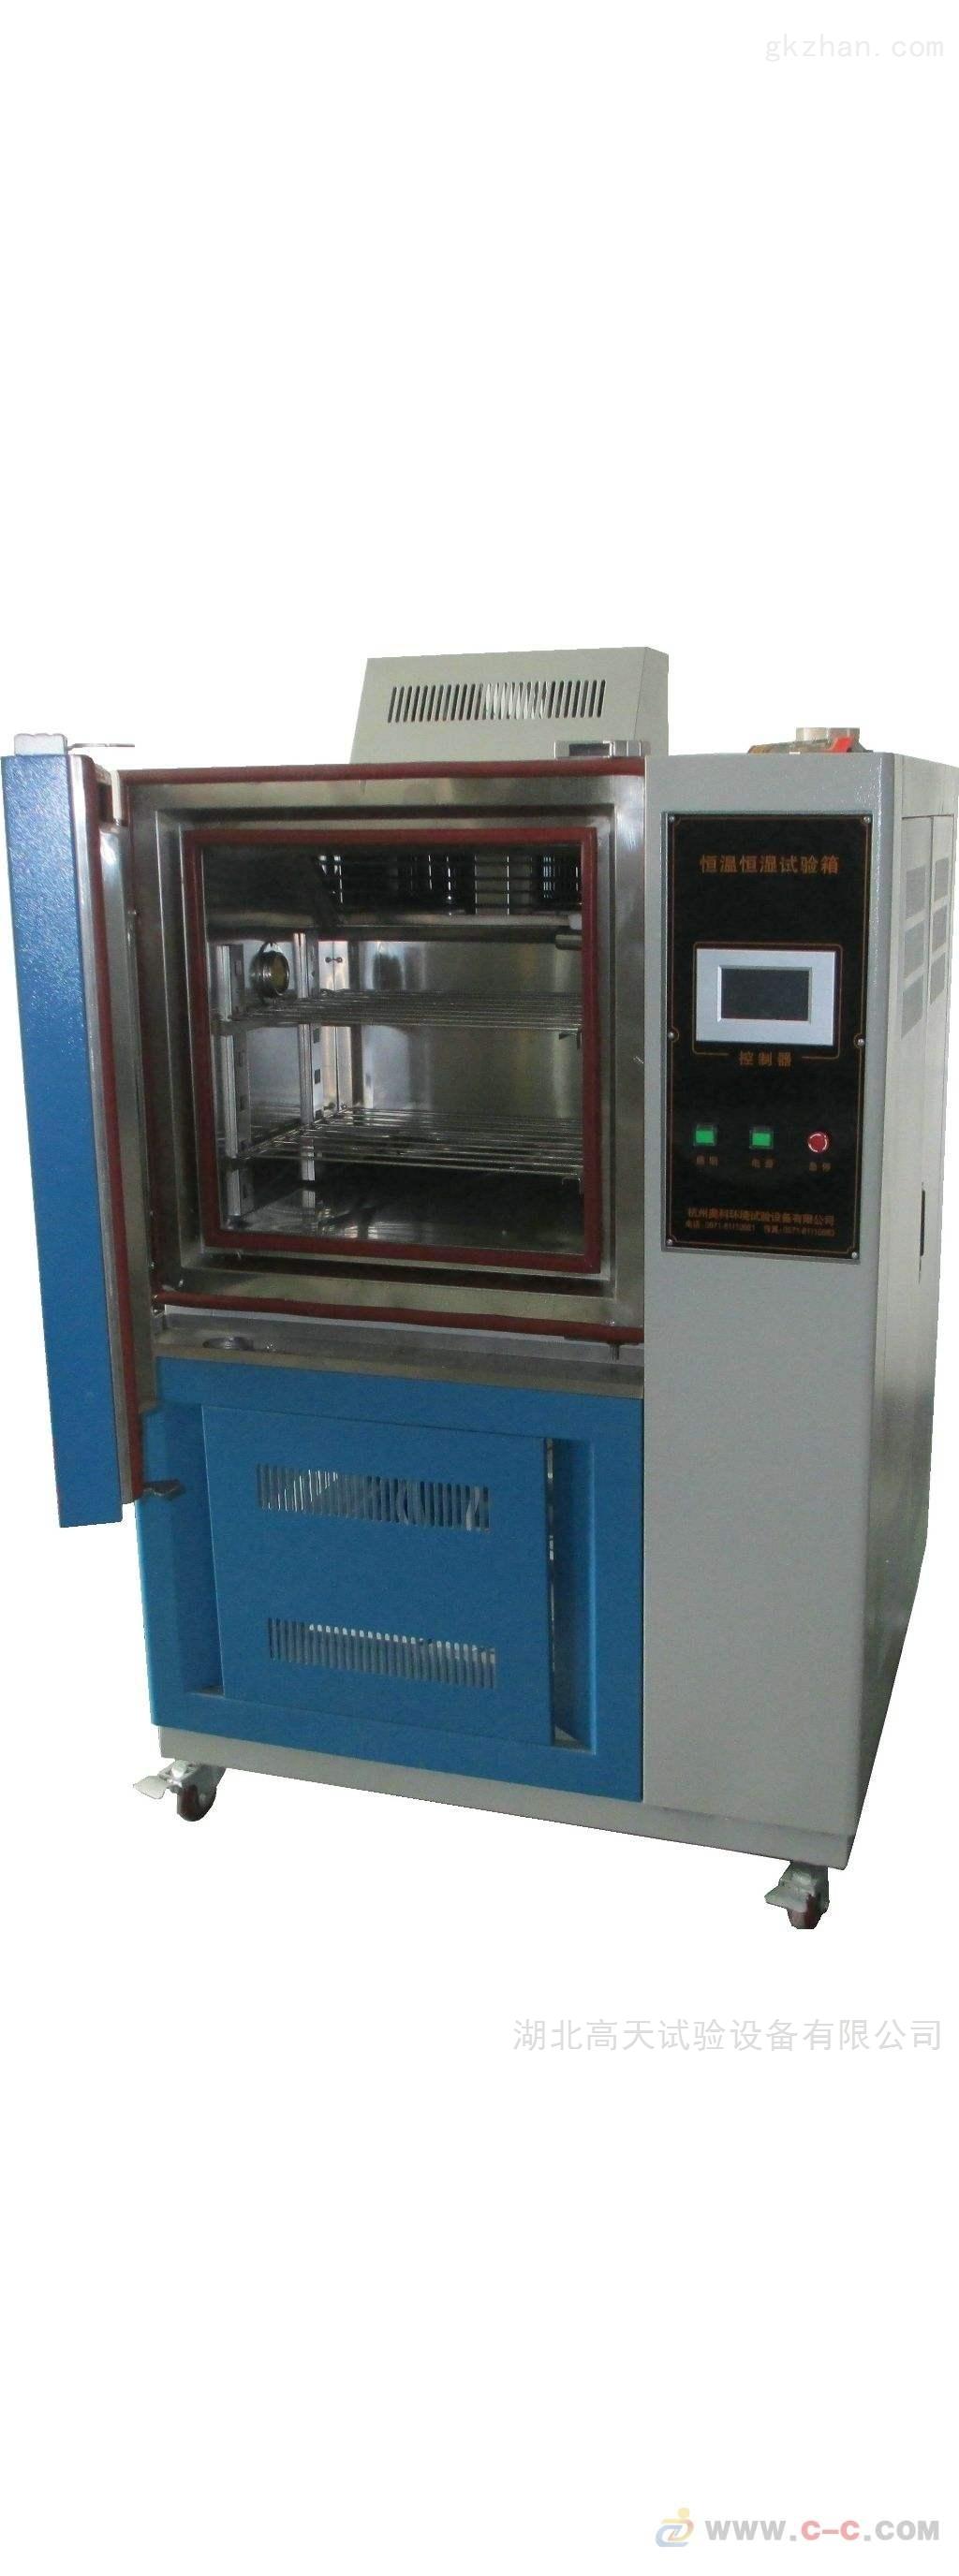 高/低温试验箱